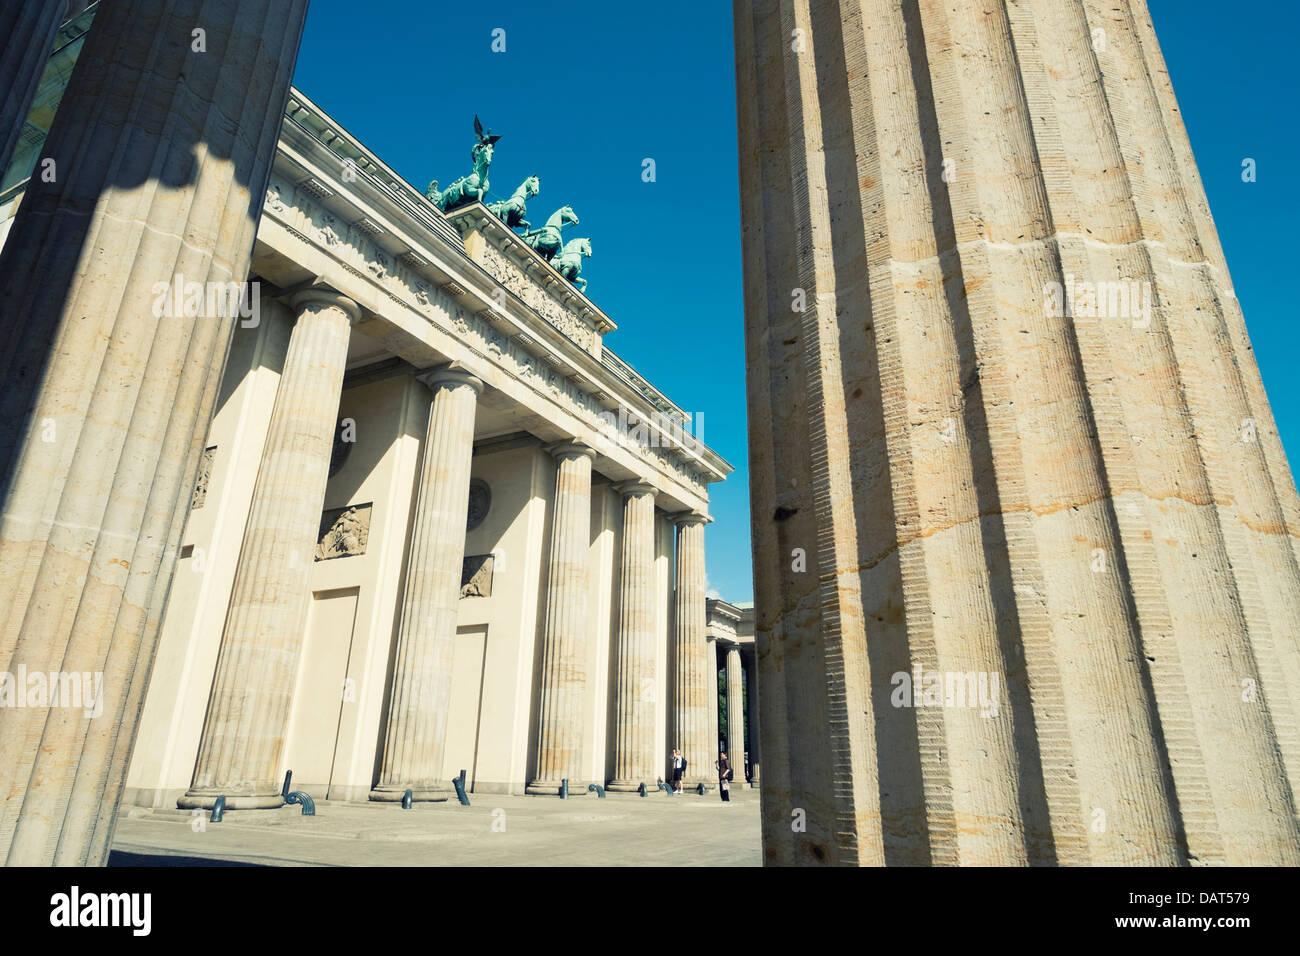 Brandenburg Gate in Berlin Germany - Stock Image